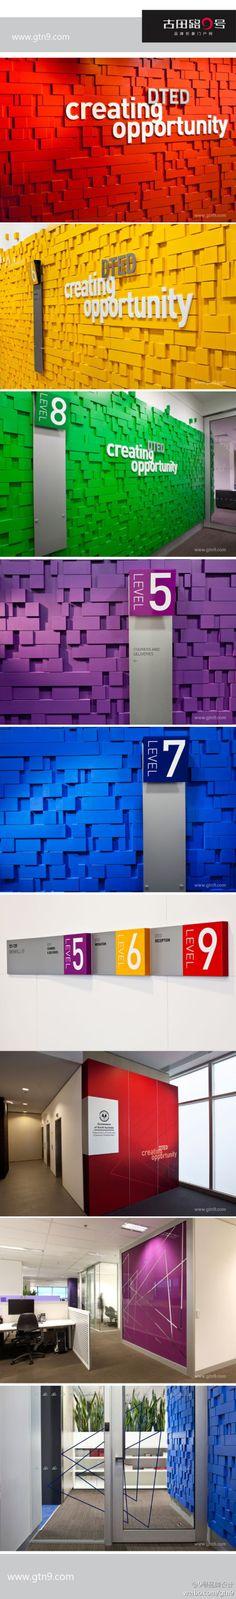 My office. colour floor.  concept. image  Australia MOTIV Graphism